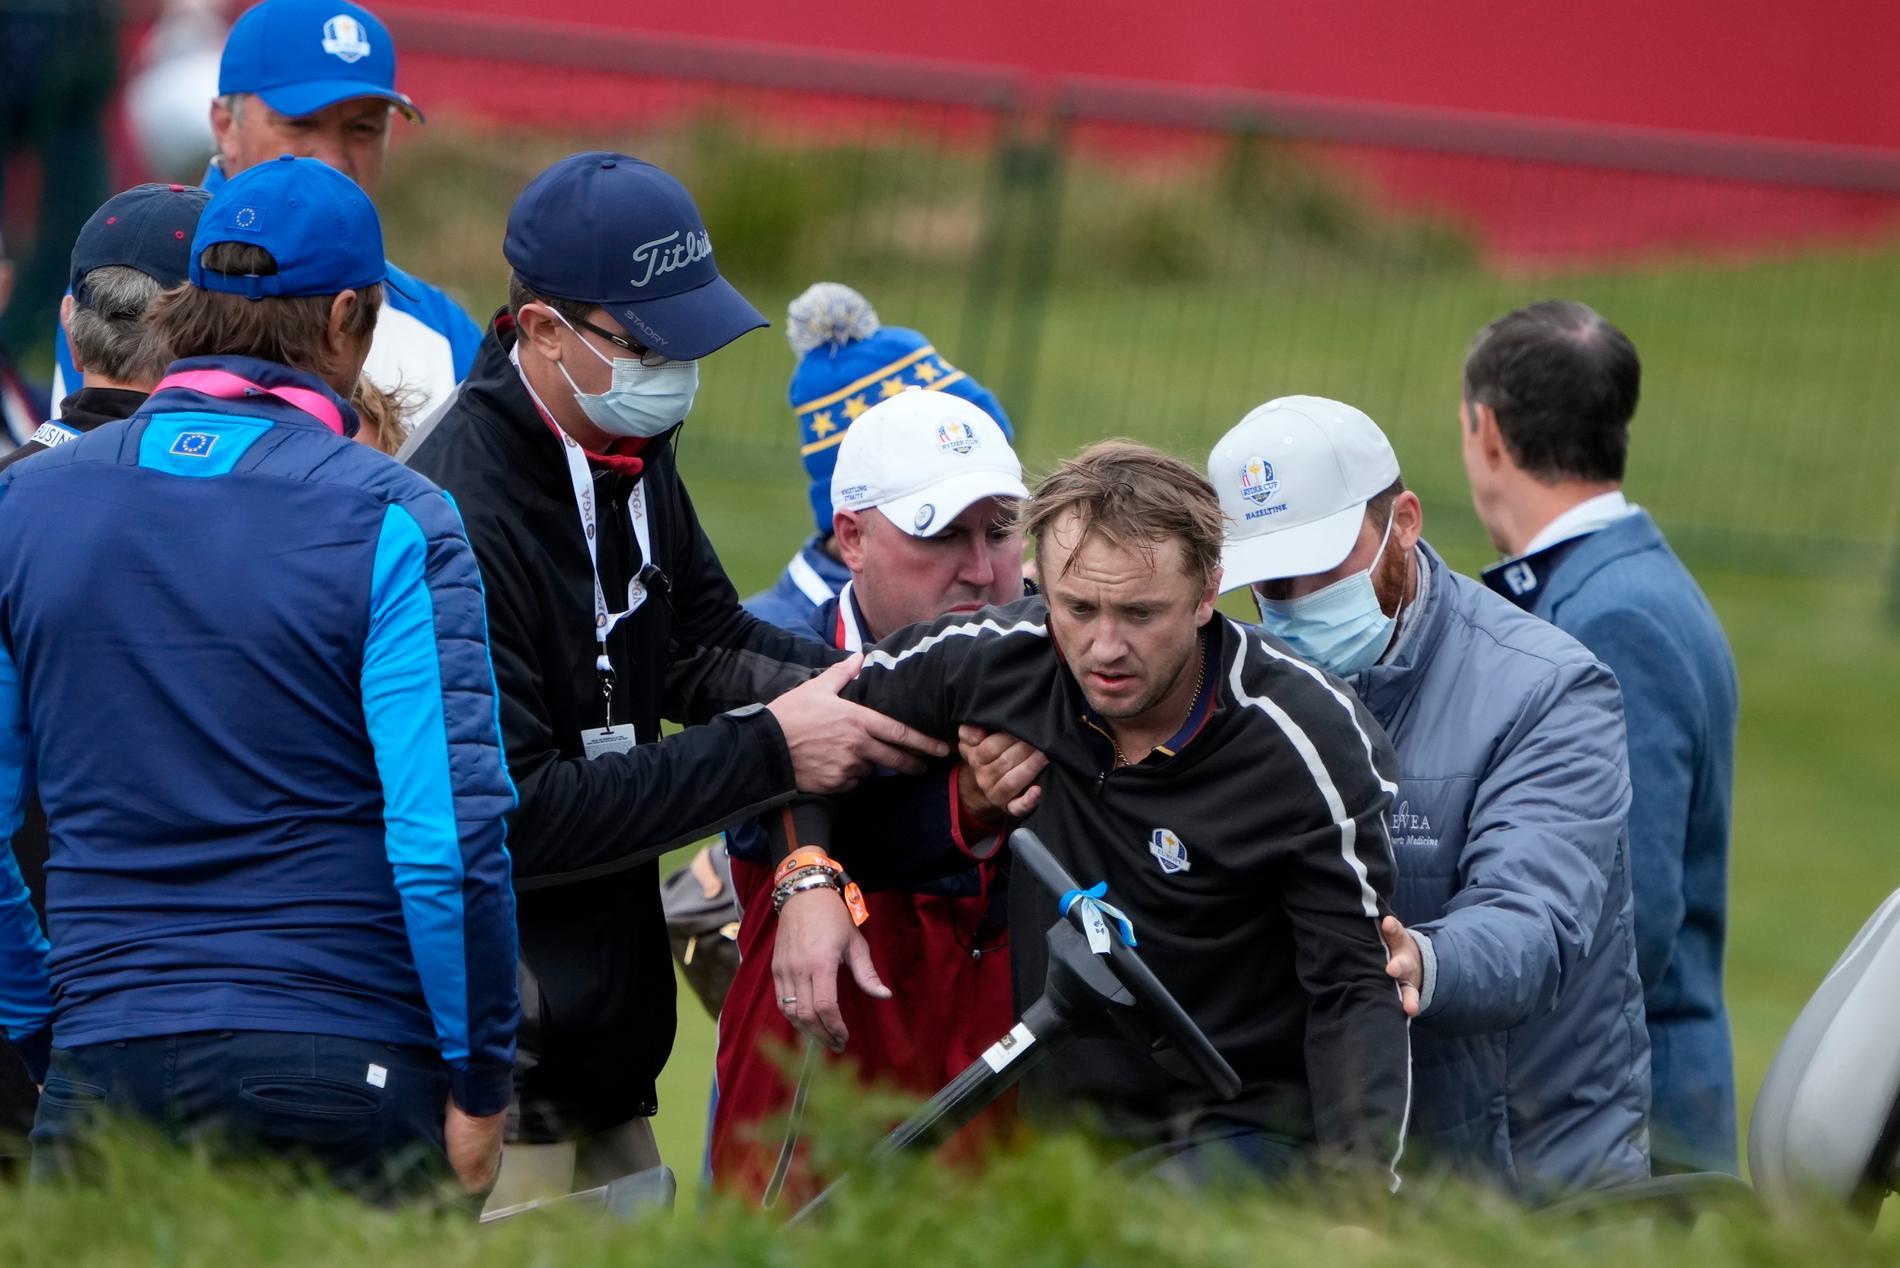 Tom Felton kollapsade på golfbanan.